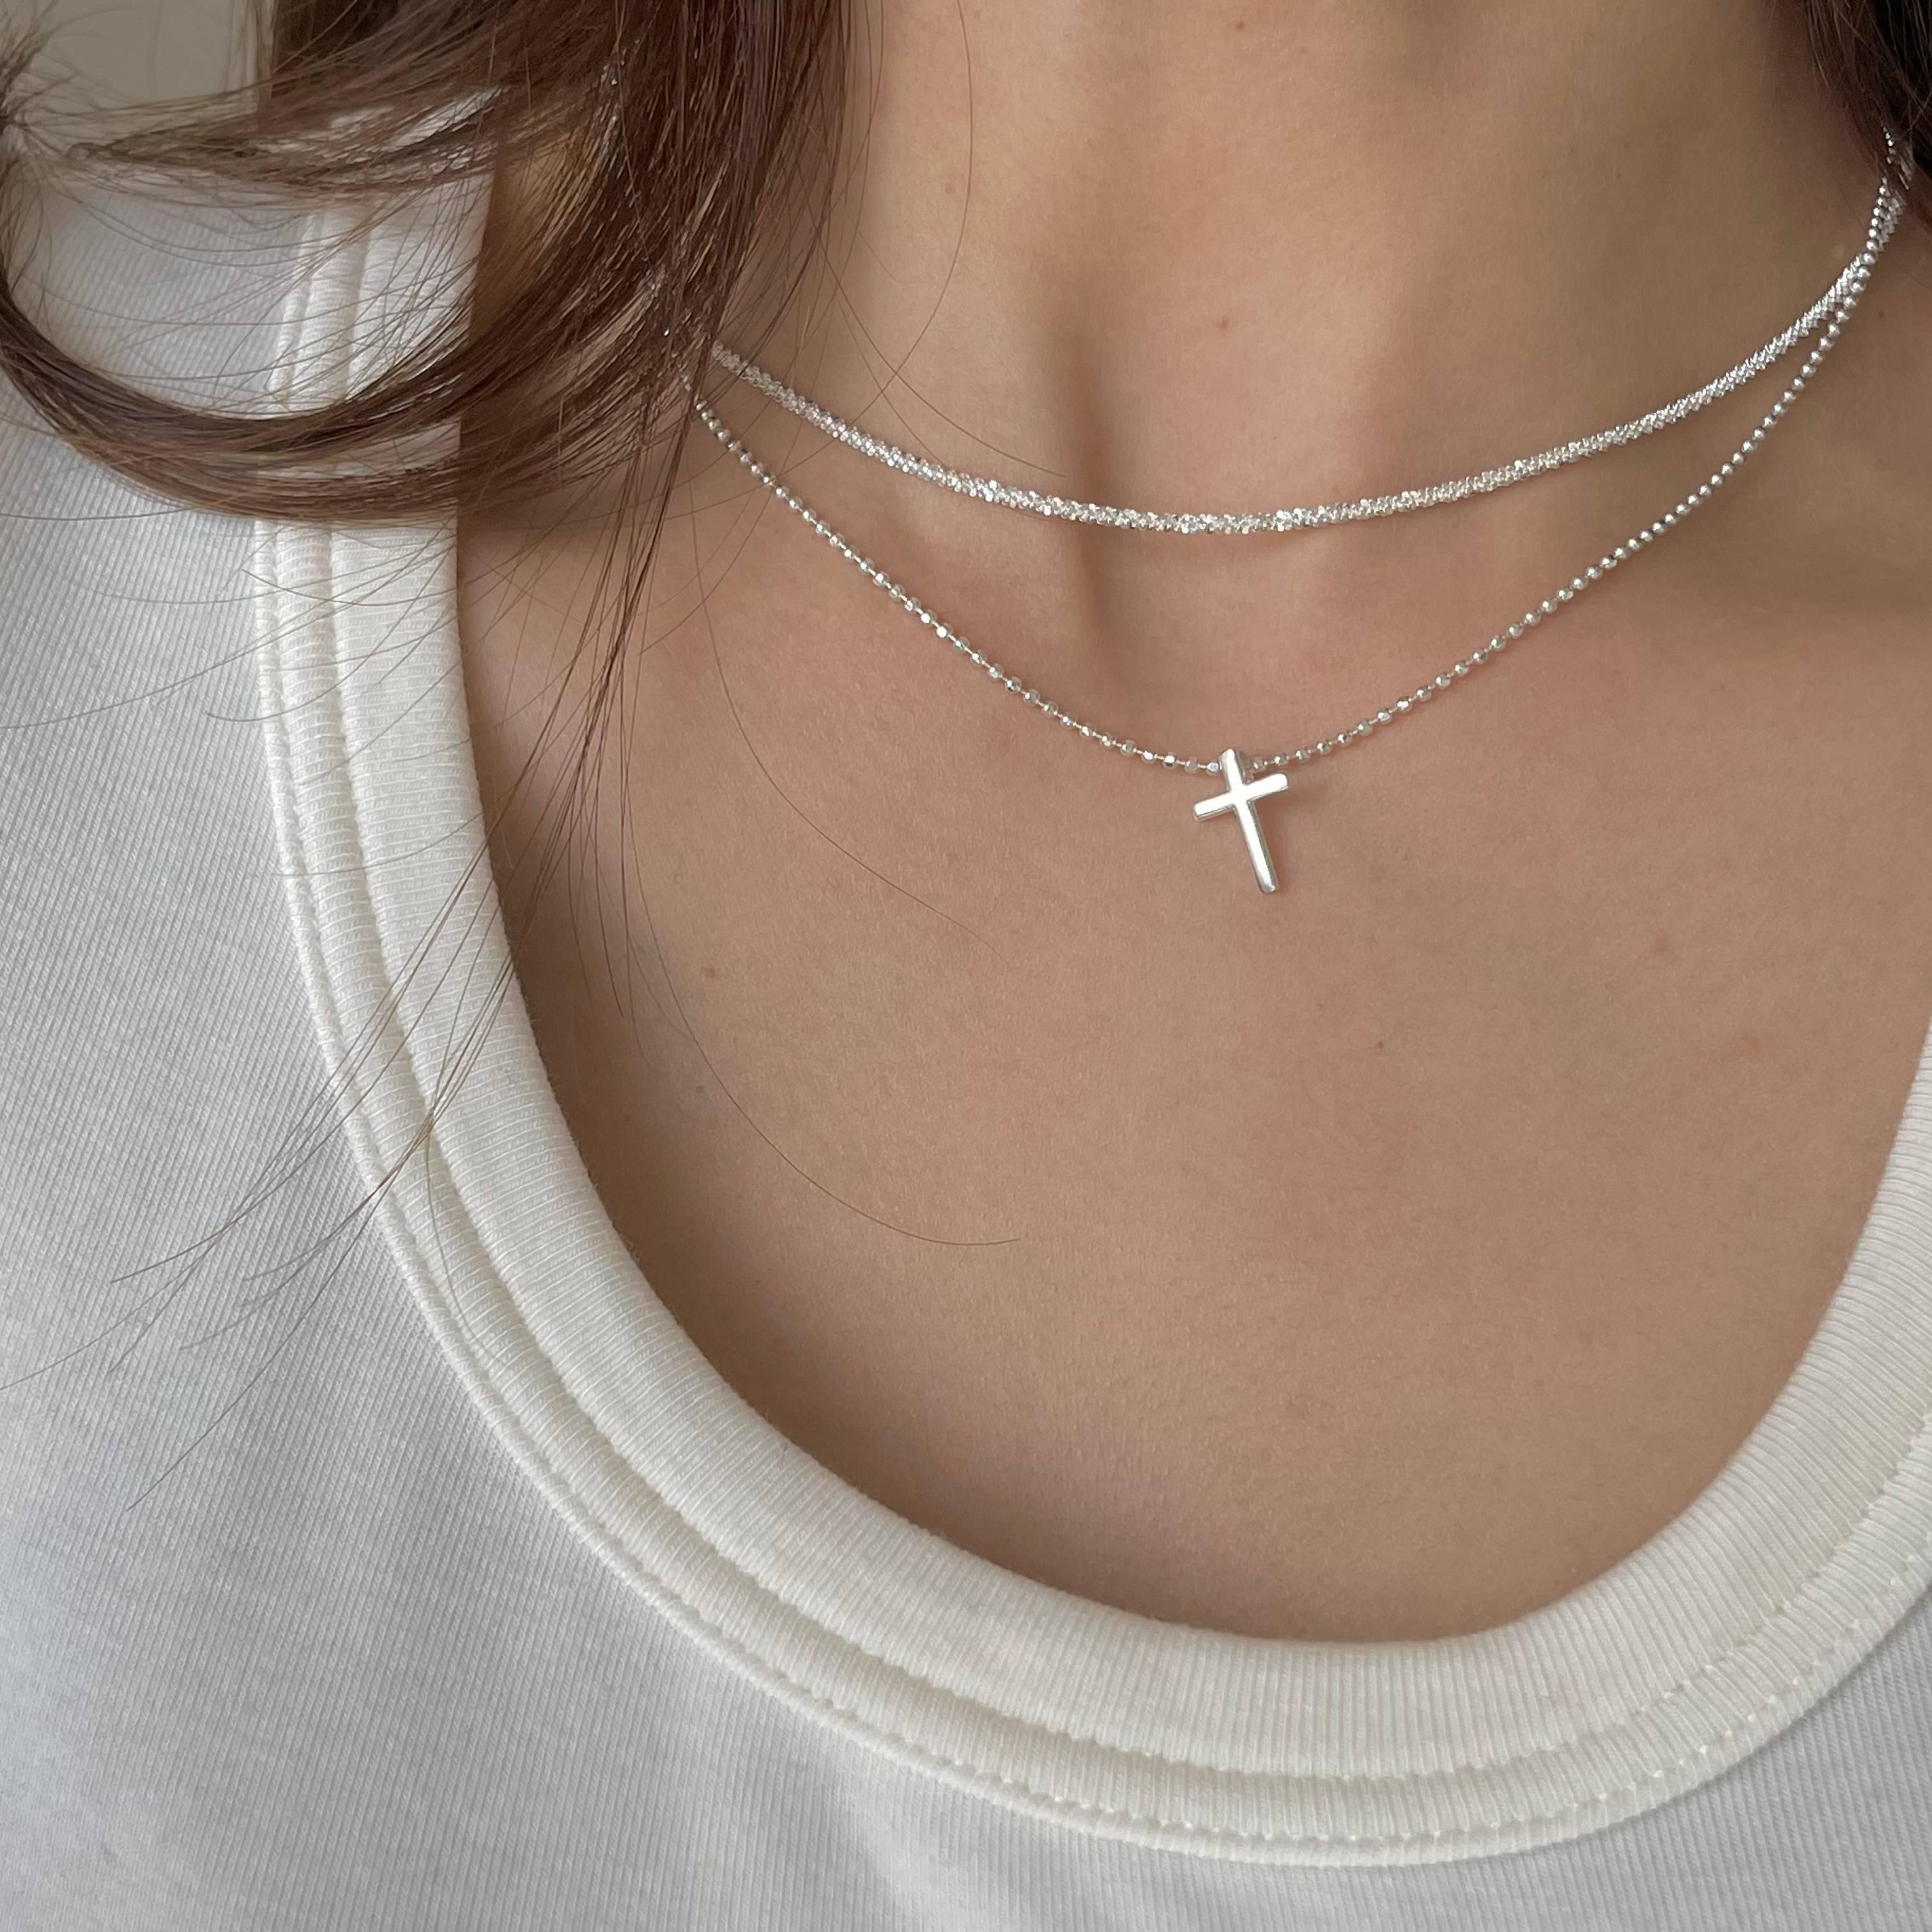 馨子同款 超闪波光粼粼切面珠十字架纯银项链小众设计感锁骨链女